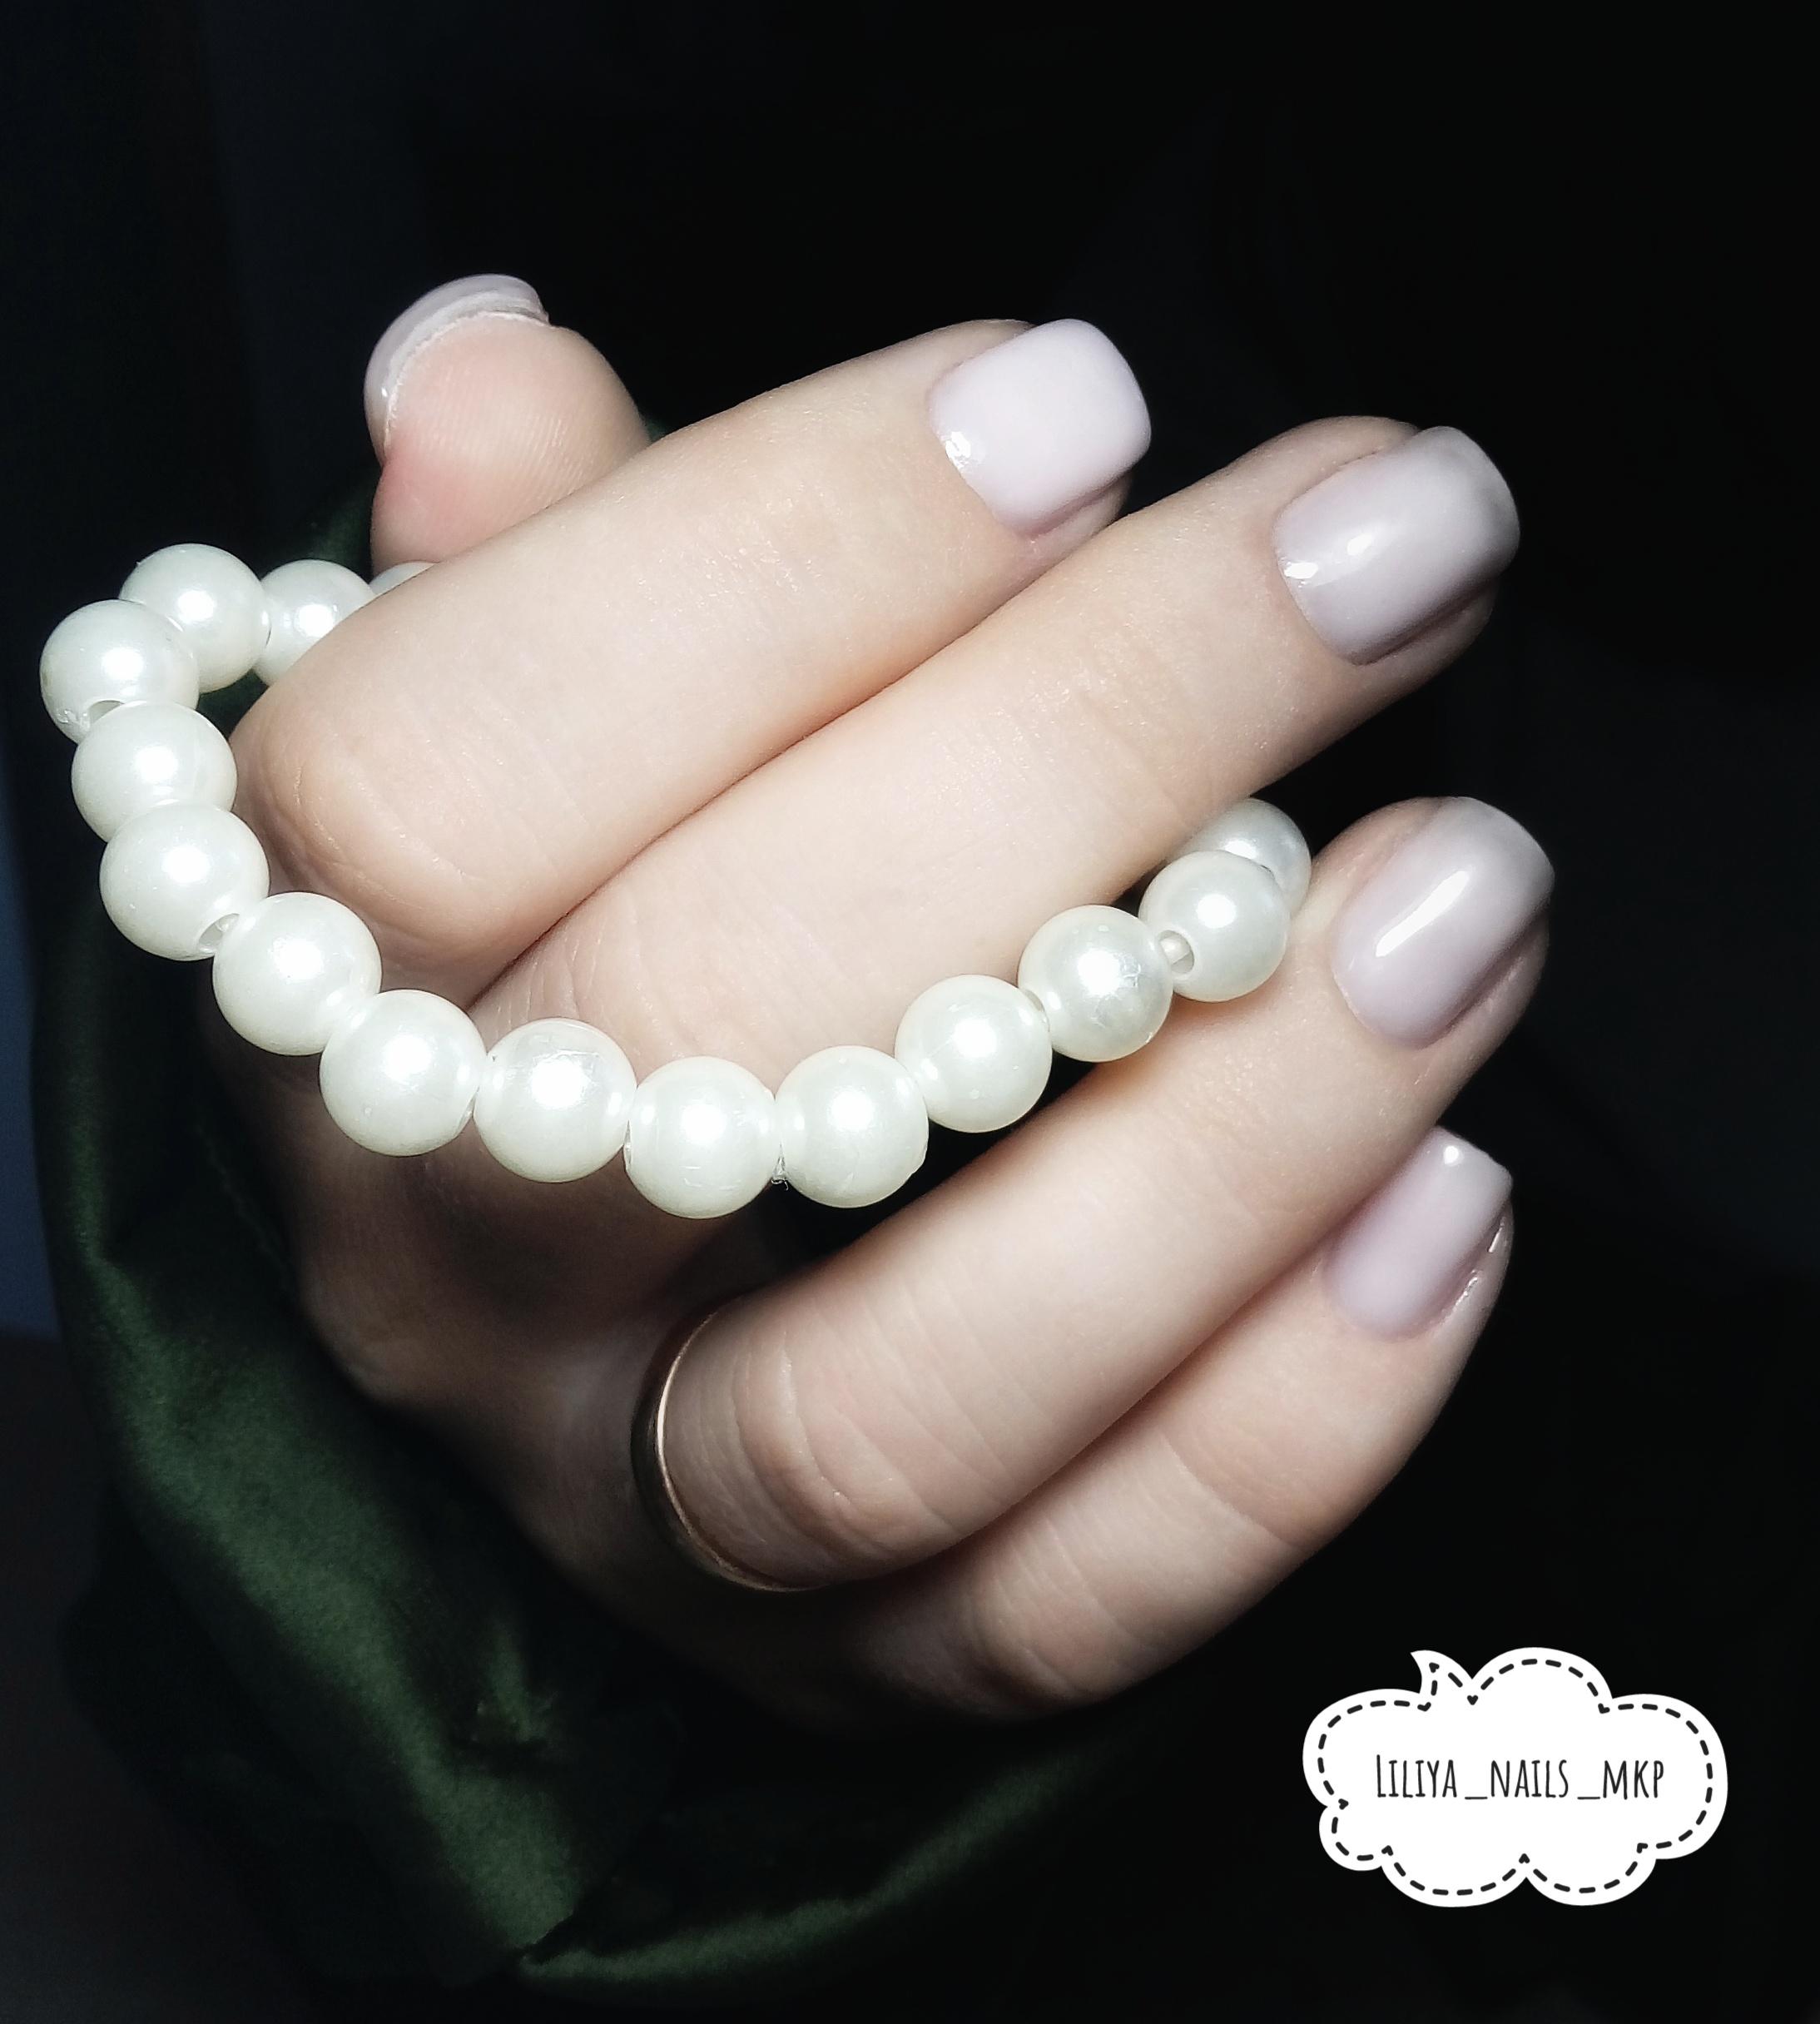 Маникюр в молочном цвете на короткие ногти.